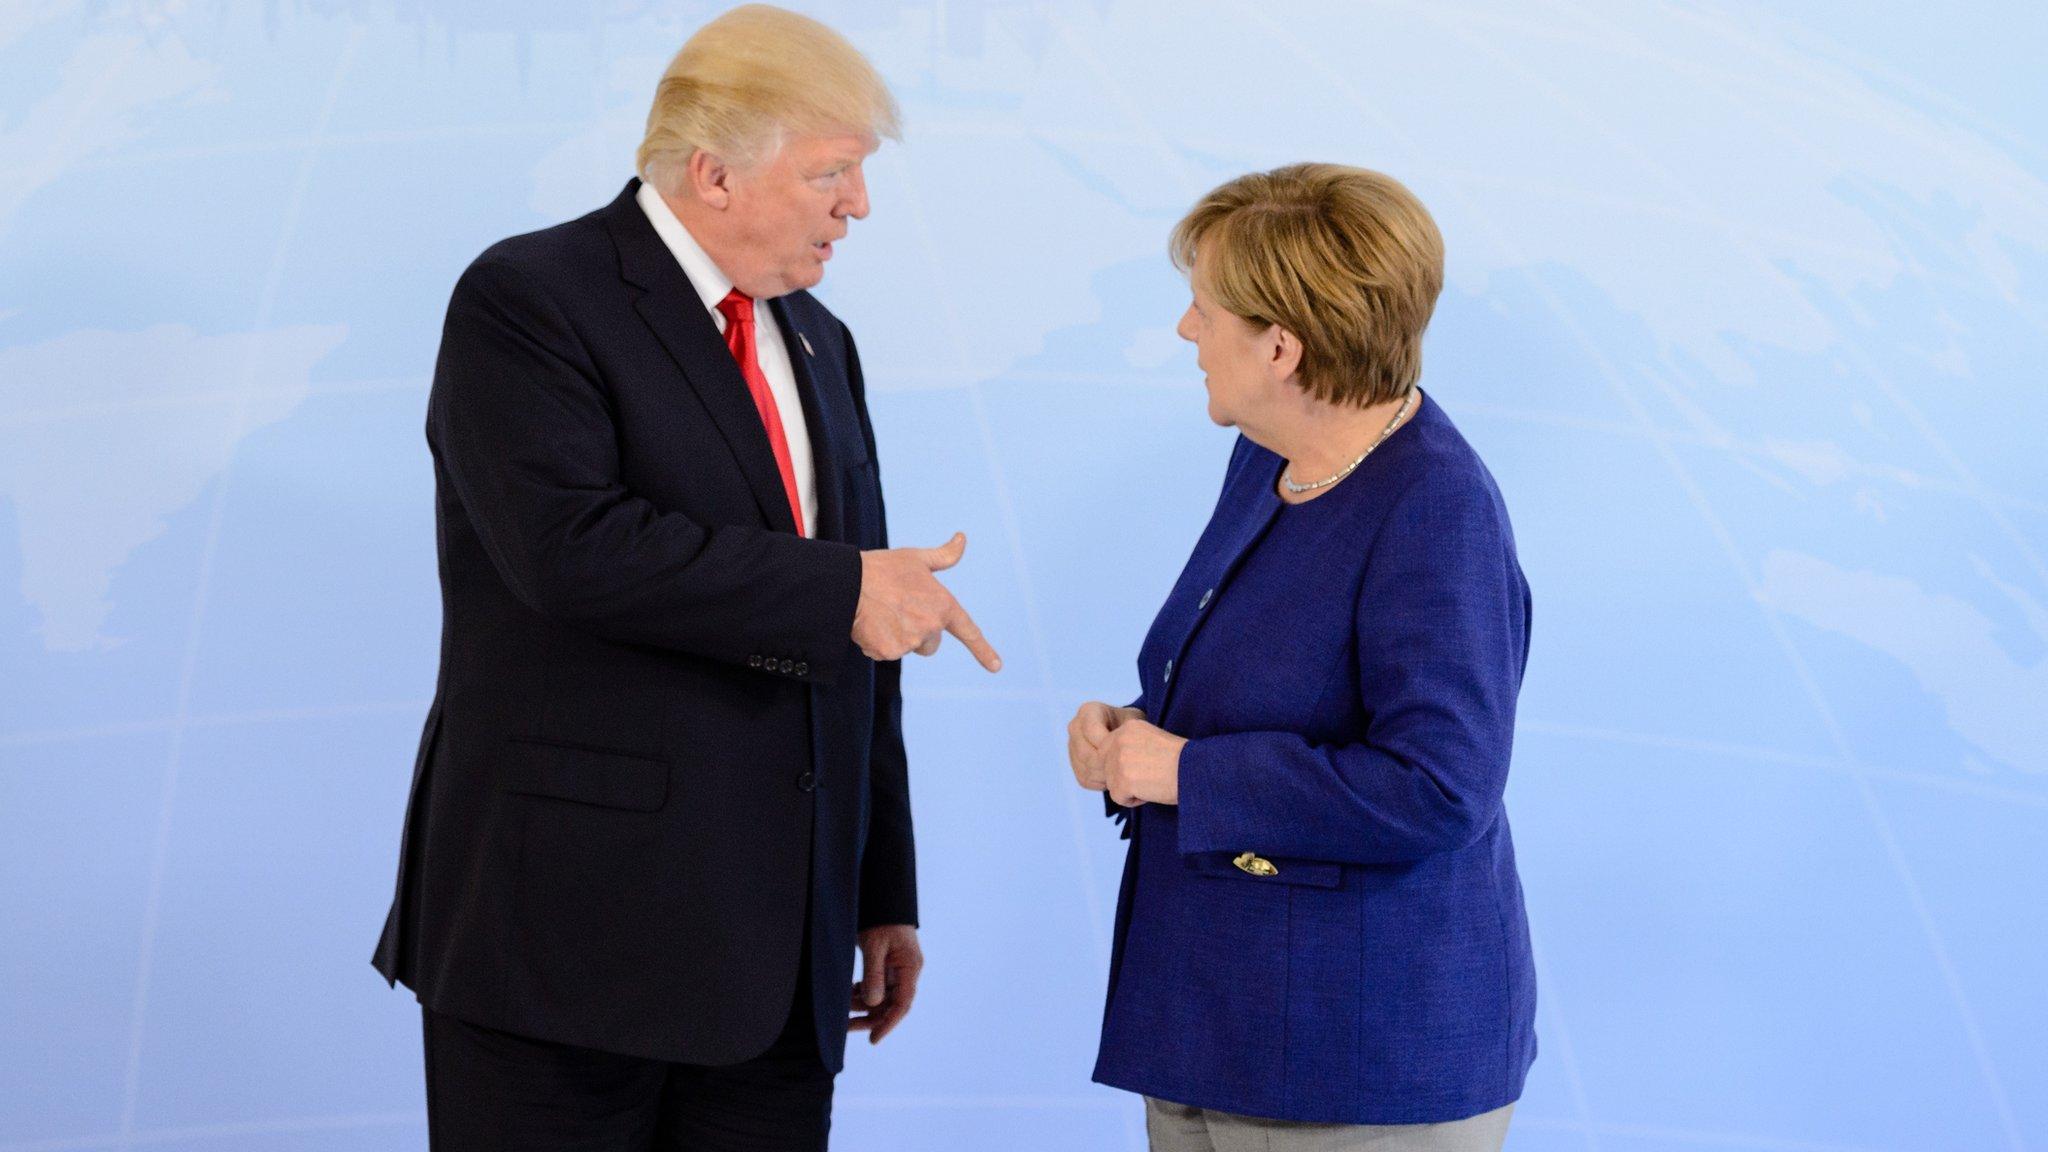 German car shares dip on Trump tariff tweet